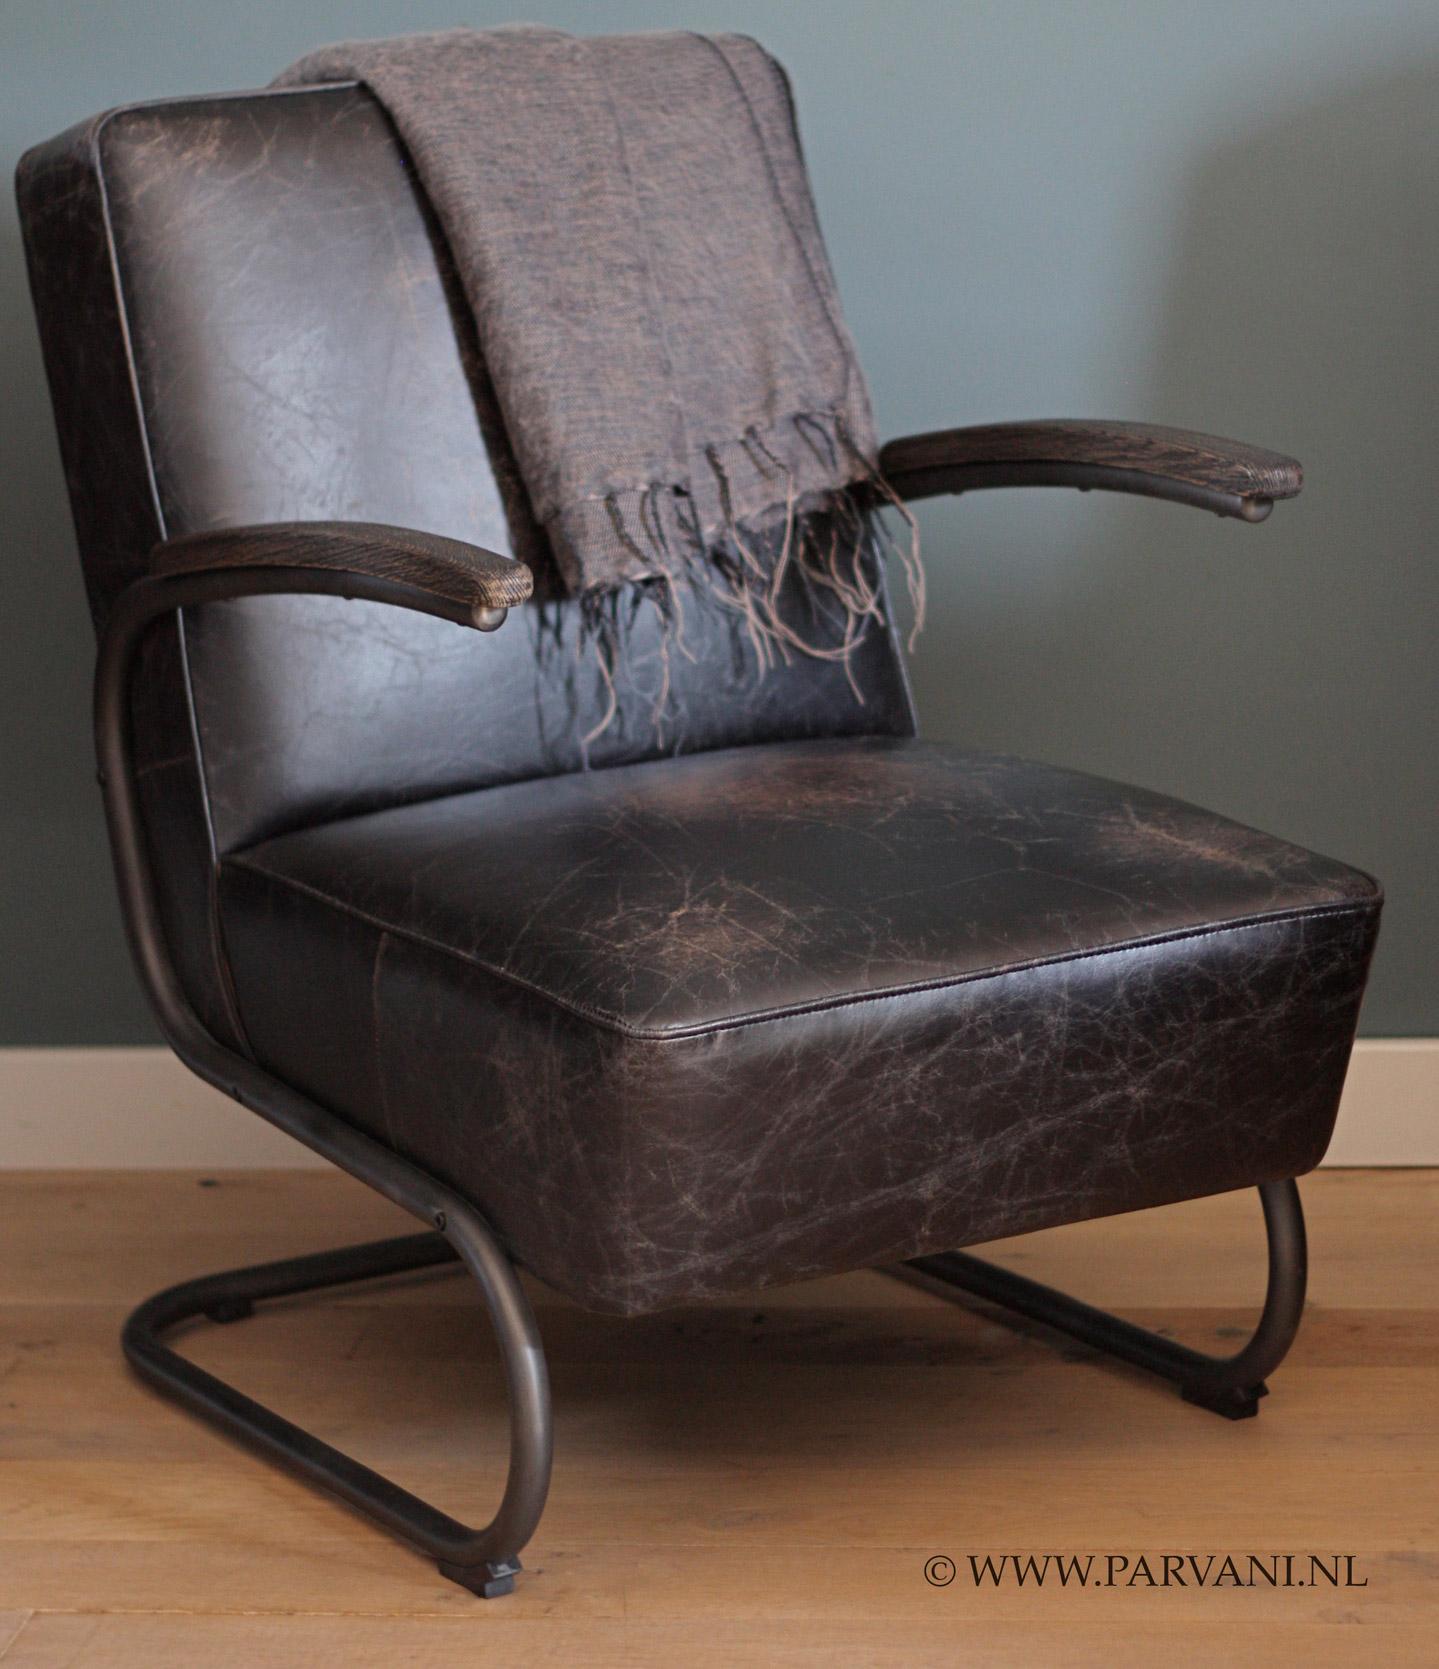 Parvani vintage leren fauteuil stoel robuust for Bruine leren stoel